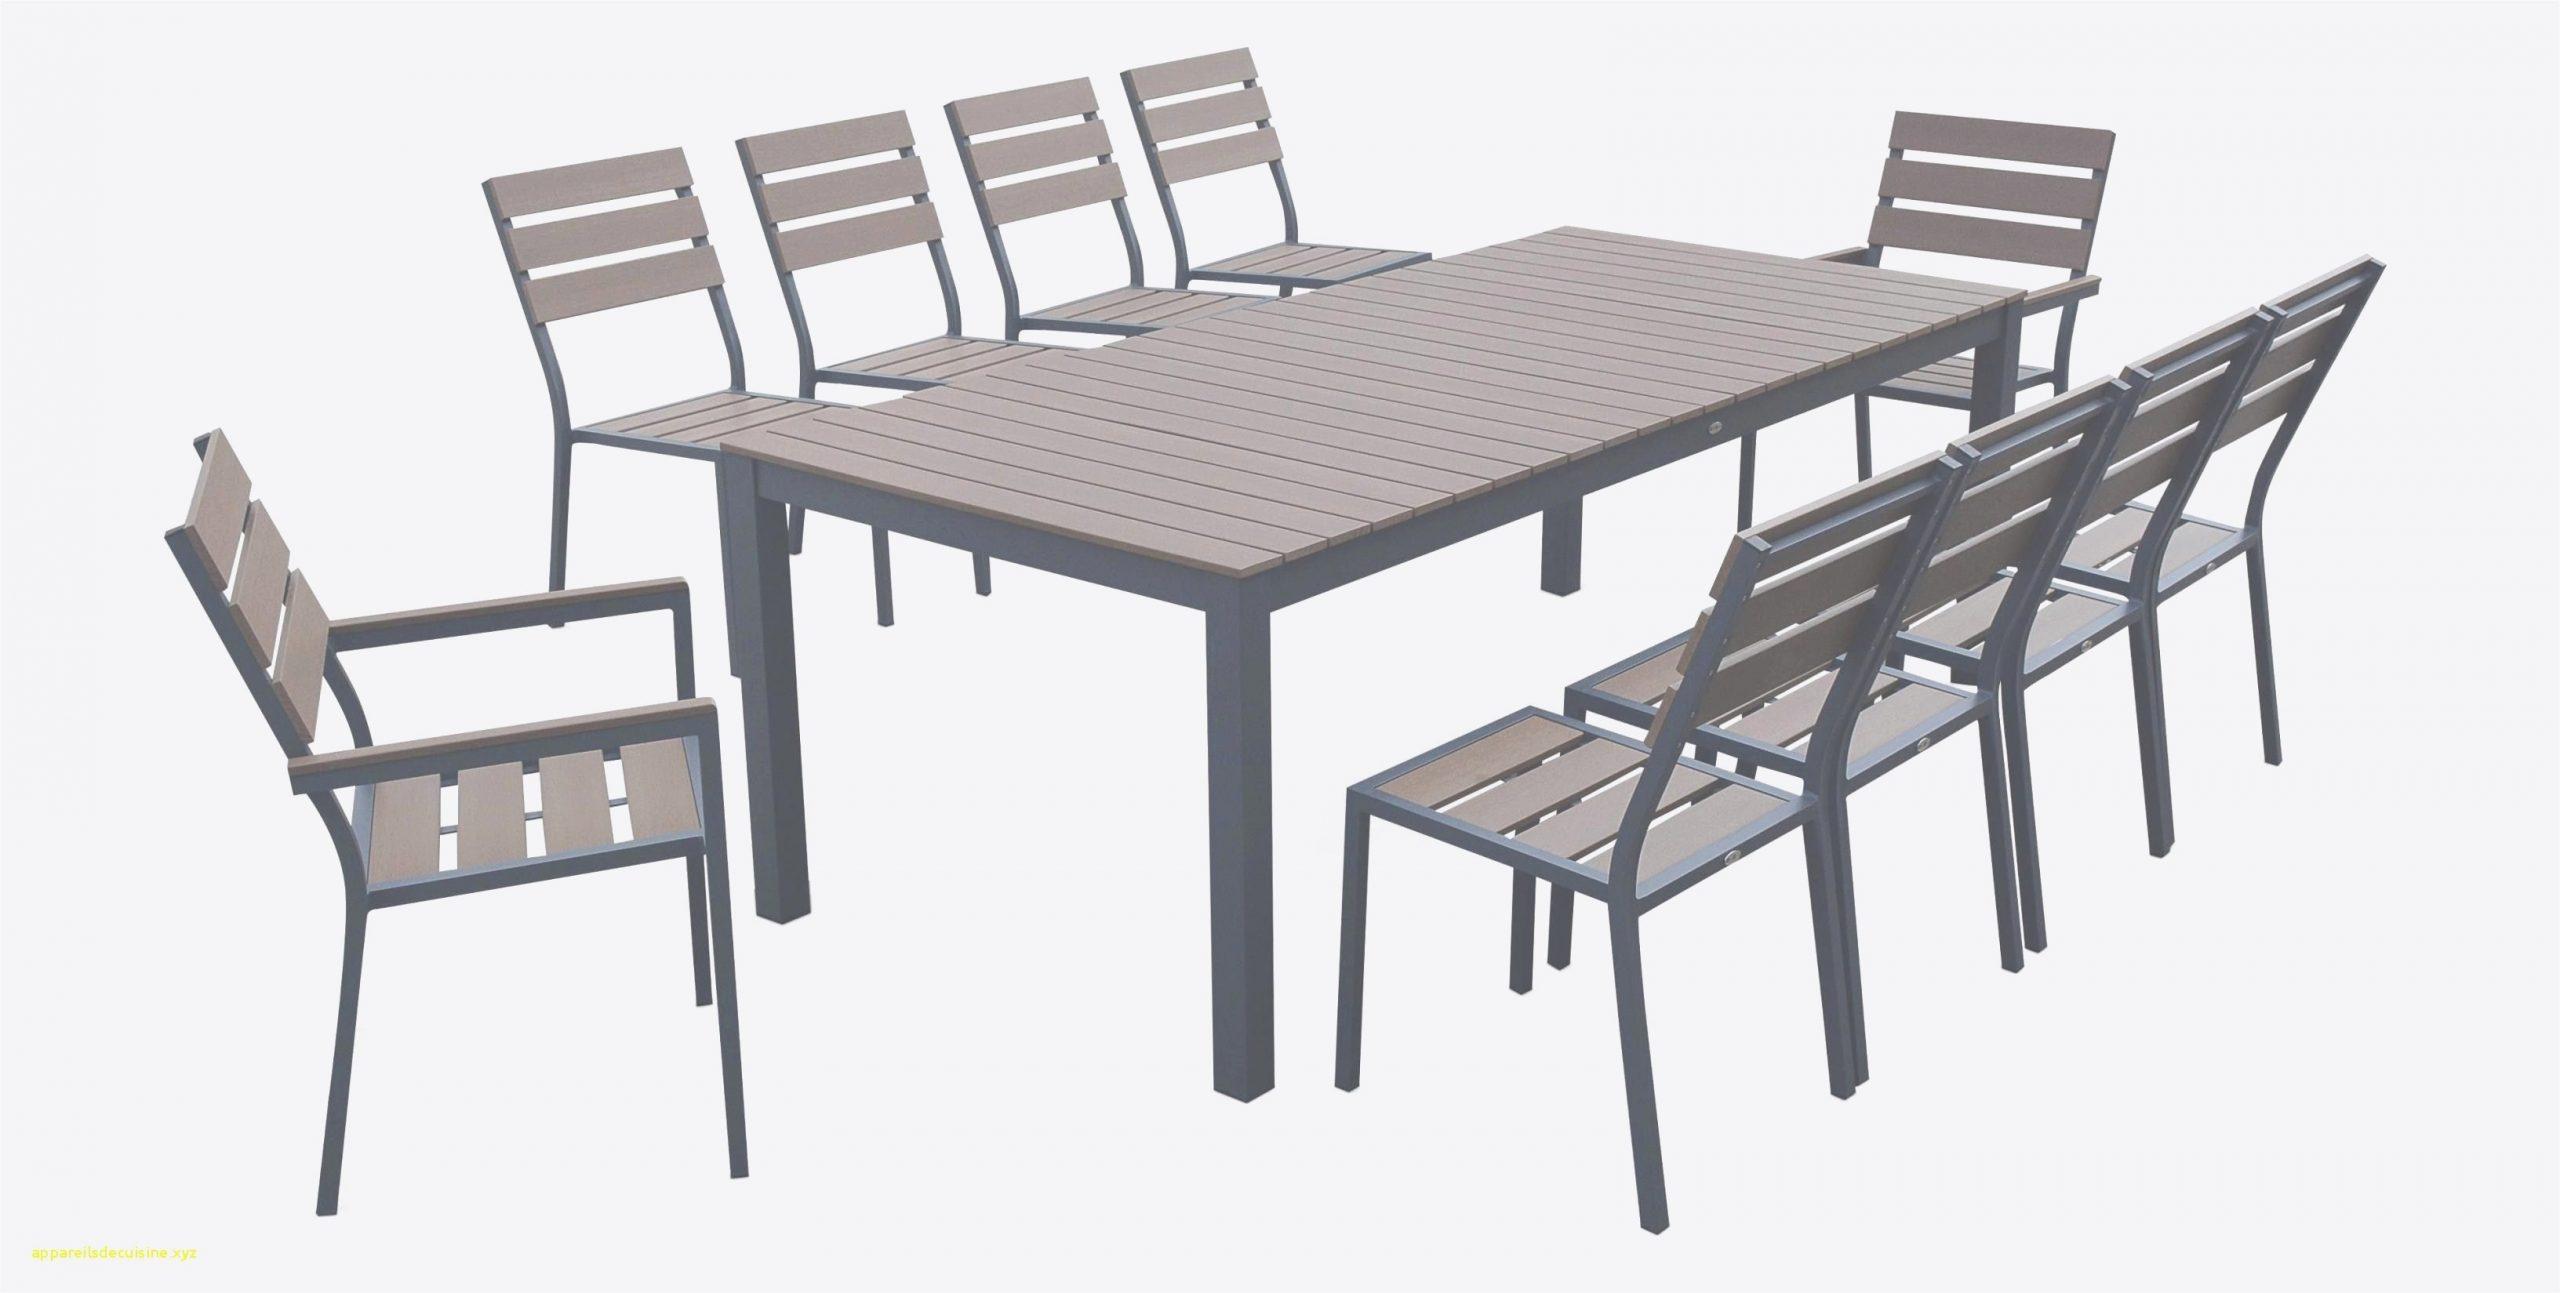 Meubles Carrefour Soldes Table Basse De Jardin Pas Cher ... avec Table Basse De Jardin Pas Cher